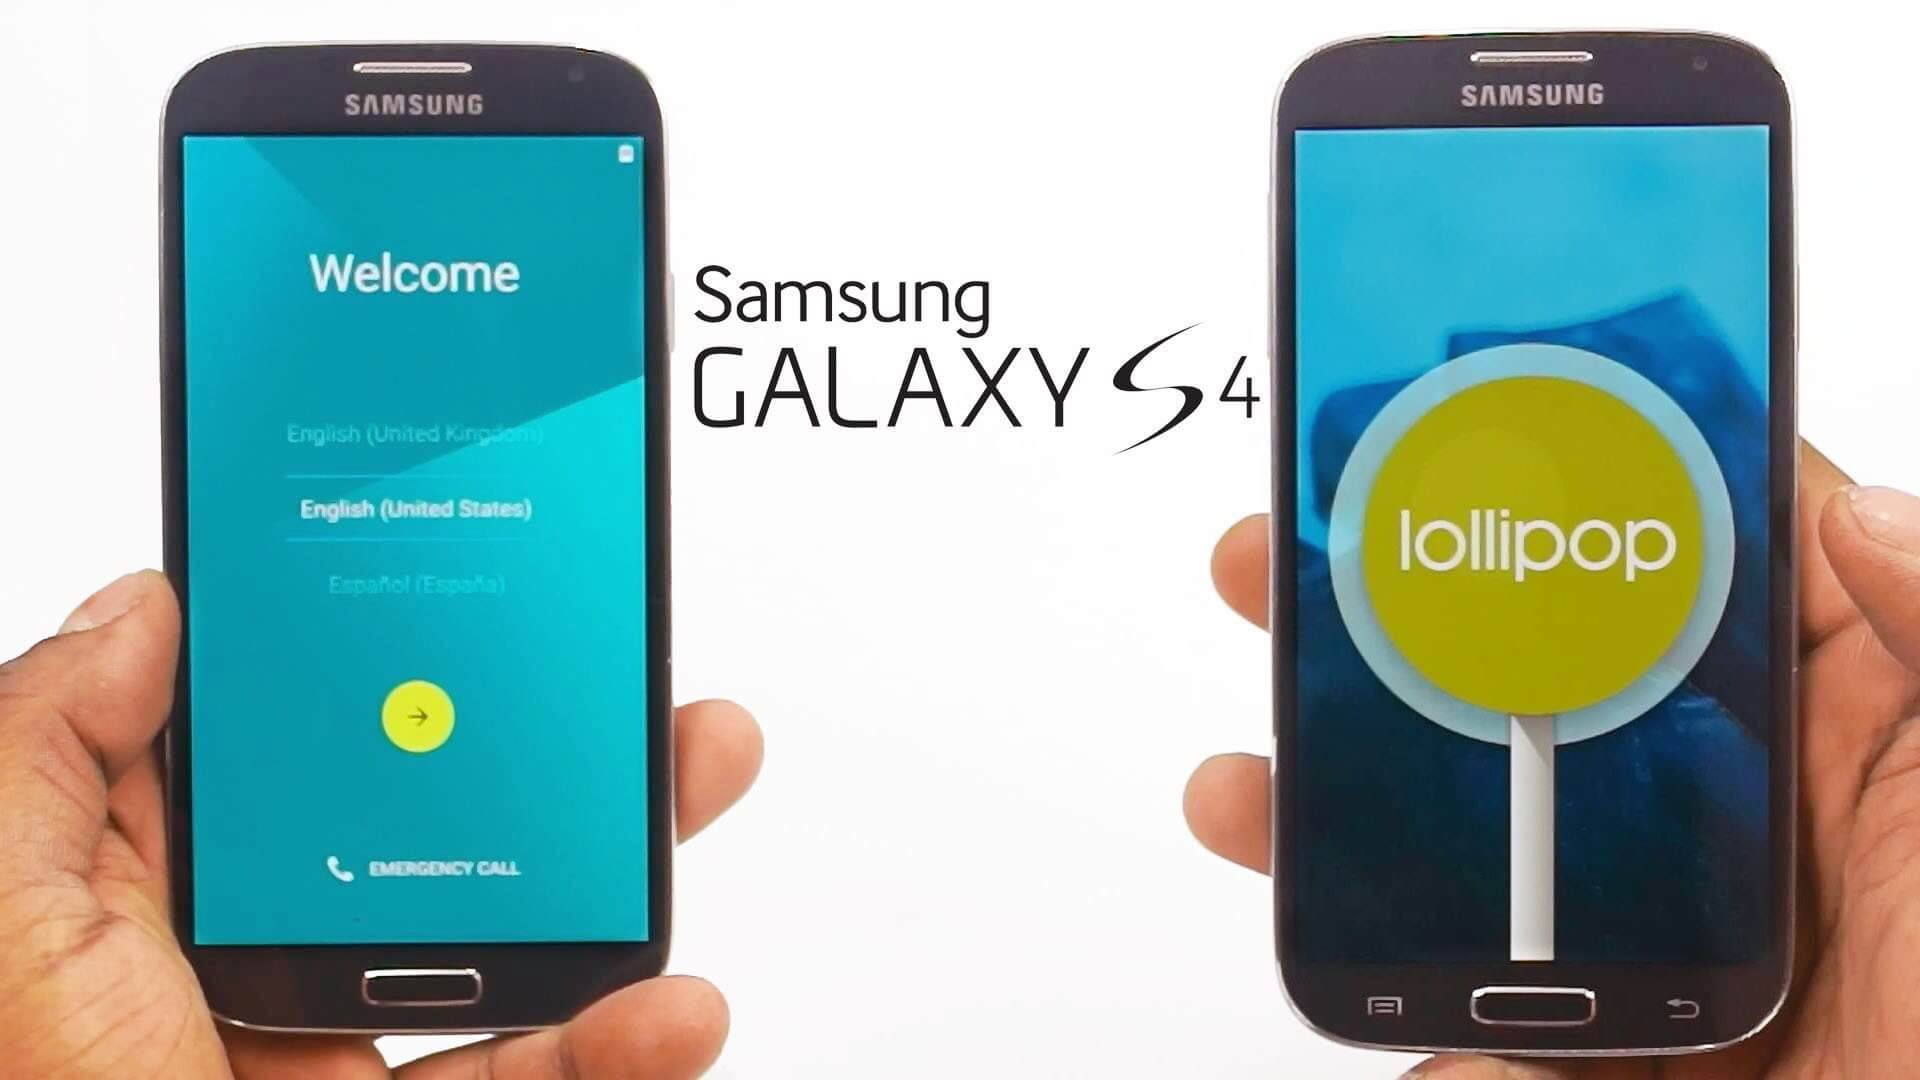 maxresdefault - Doce vida! Galaxy S4 começa a receber atualização para o Lollipop